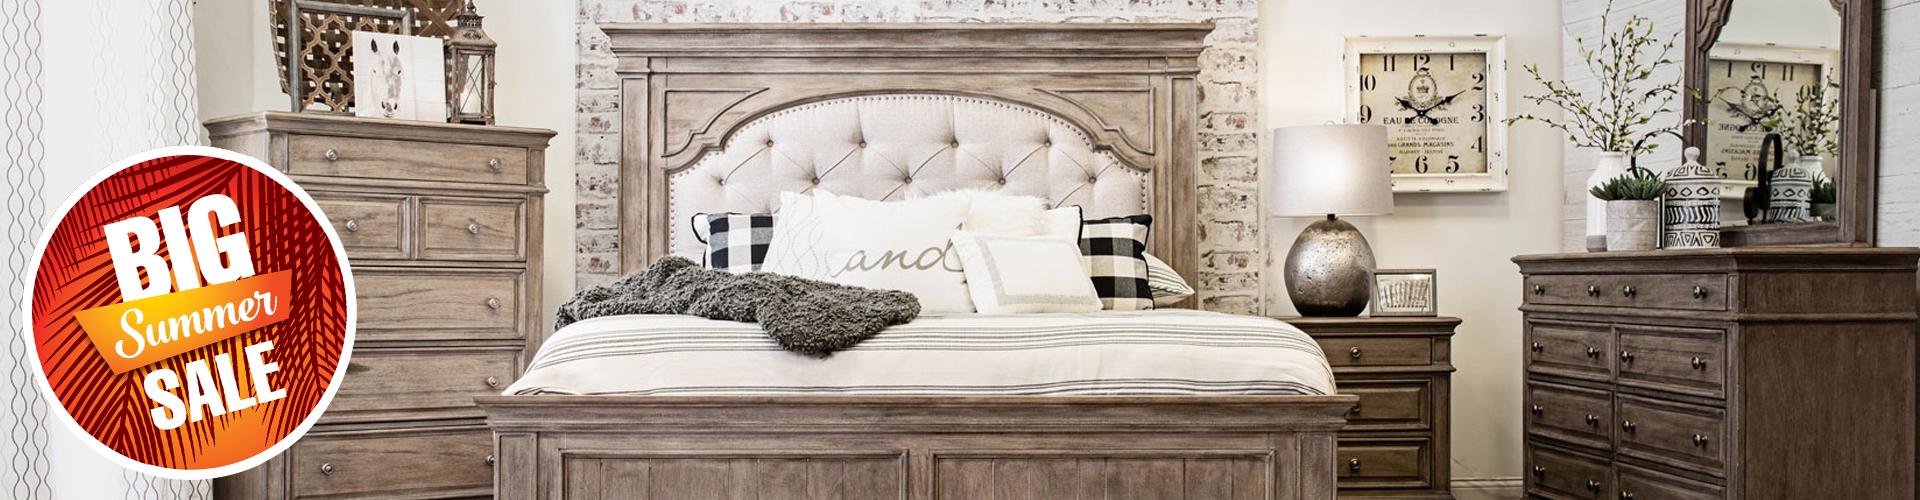 Cbfurn Com Home Store For Furniture Matrress Decor More Cb